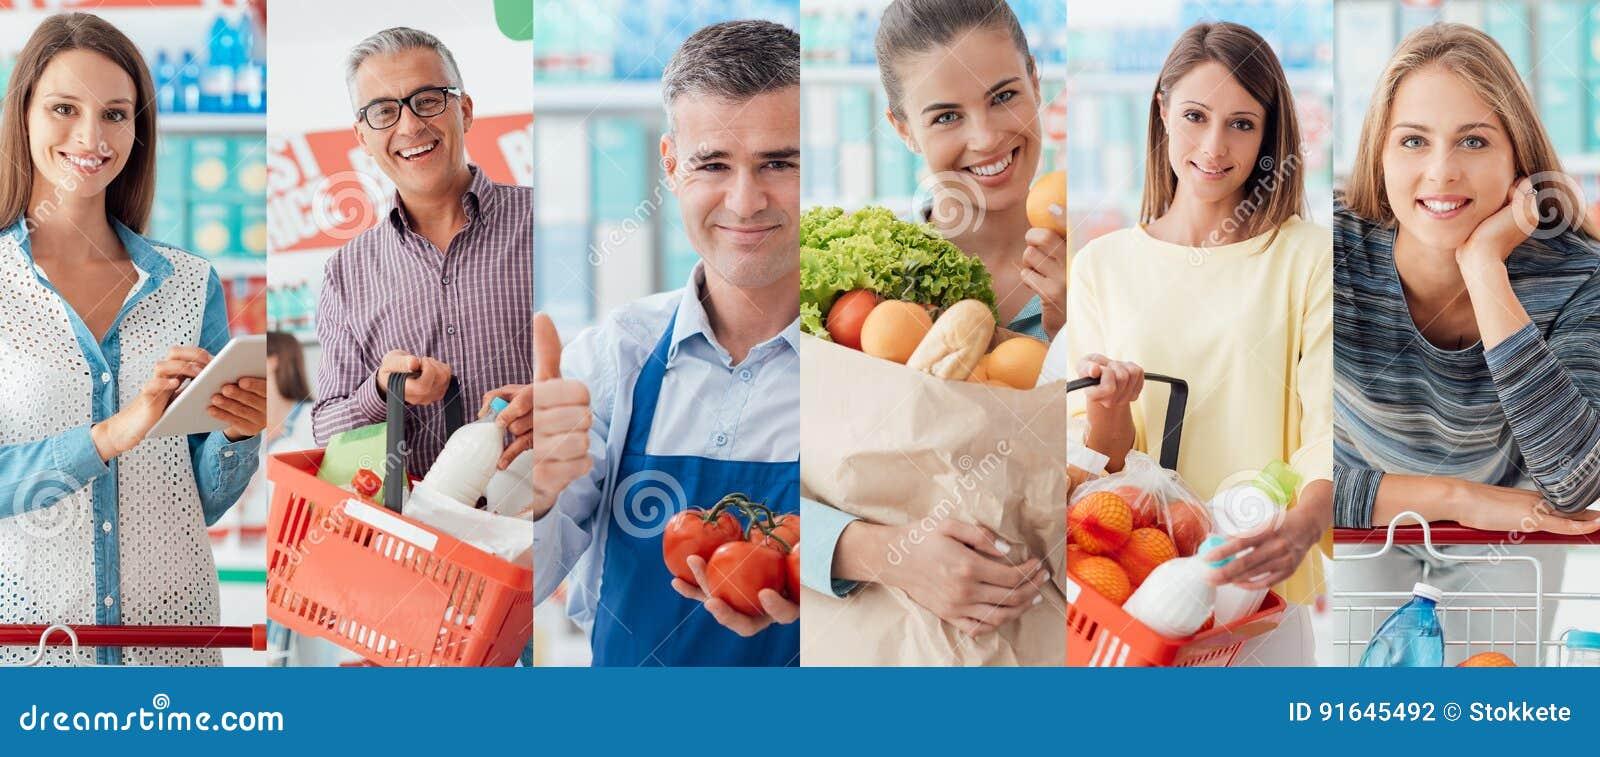 Leute am Supermarkt